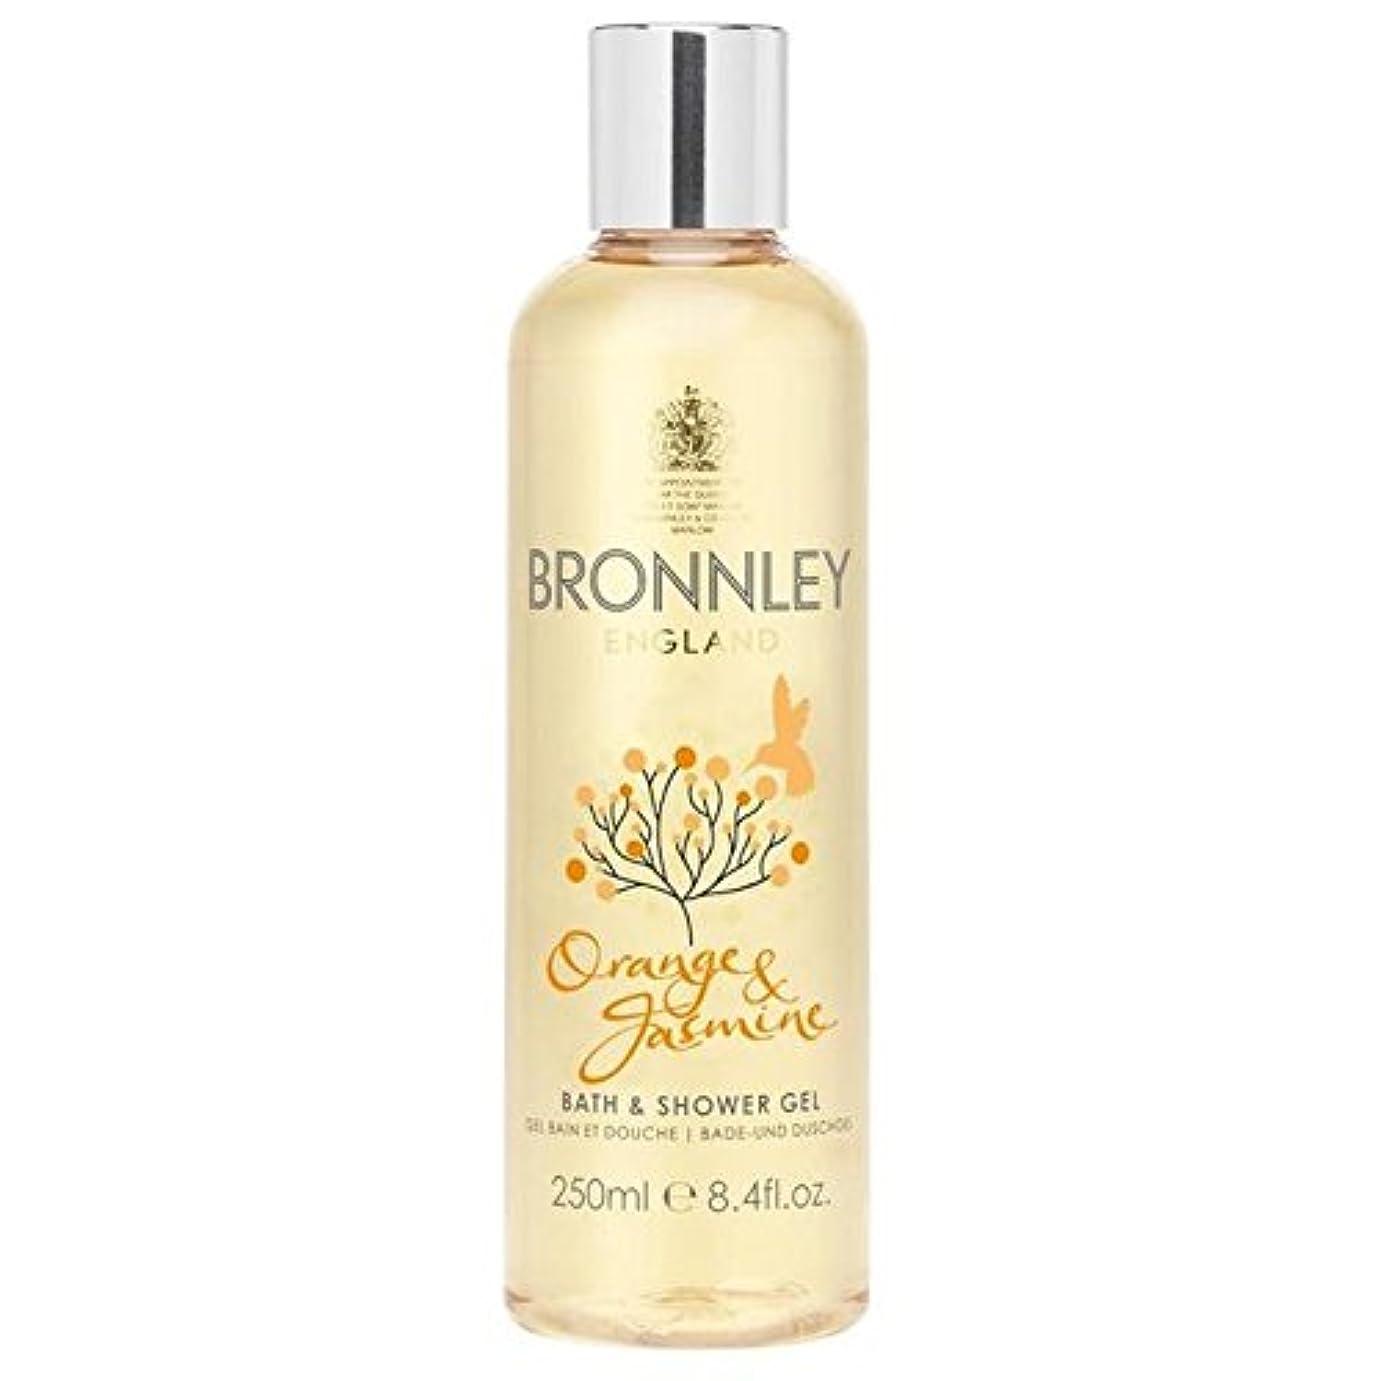 制約赤ちゃん周術期オレンジ&ジャスミンバス&シャワージェル250ミリリットル x4 - Bronnley Orange & Jasmine Bath & Shower Gel 250ml (Pack of 4) [並行輸入品]